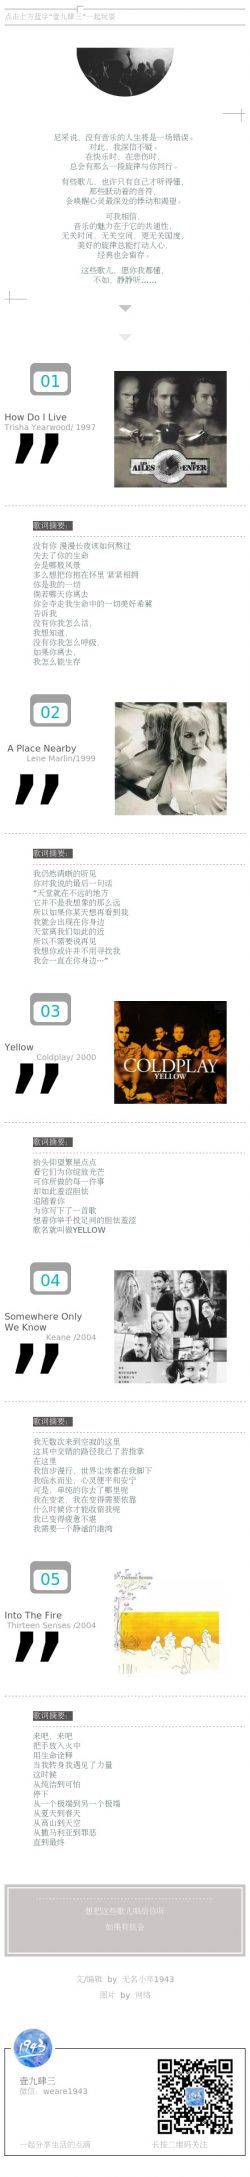 歌曲音乐作品介绍微信订阅号图文模板